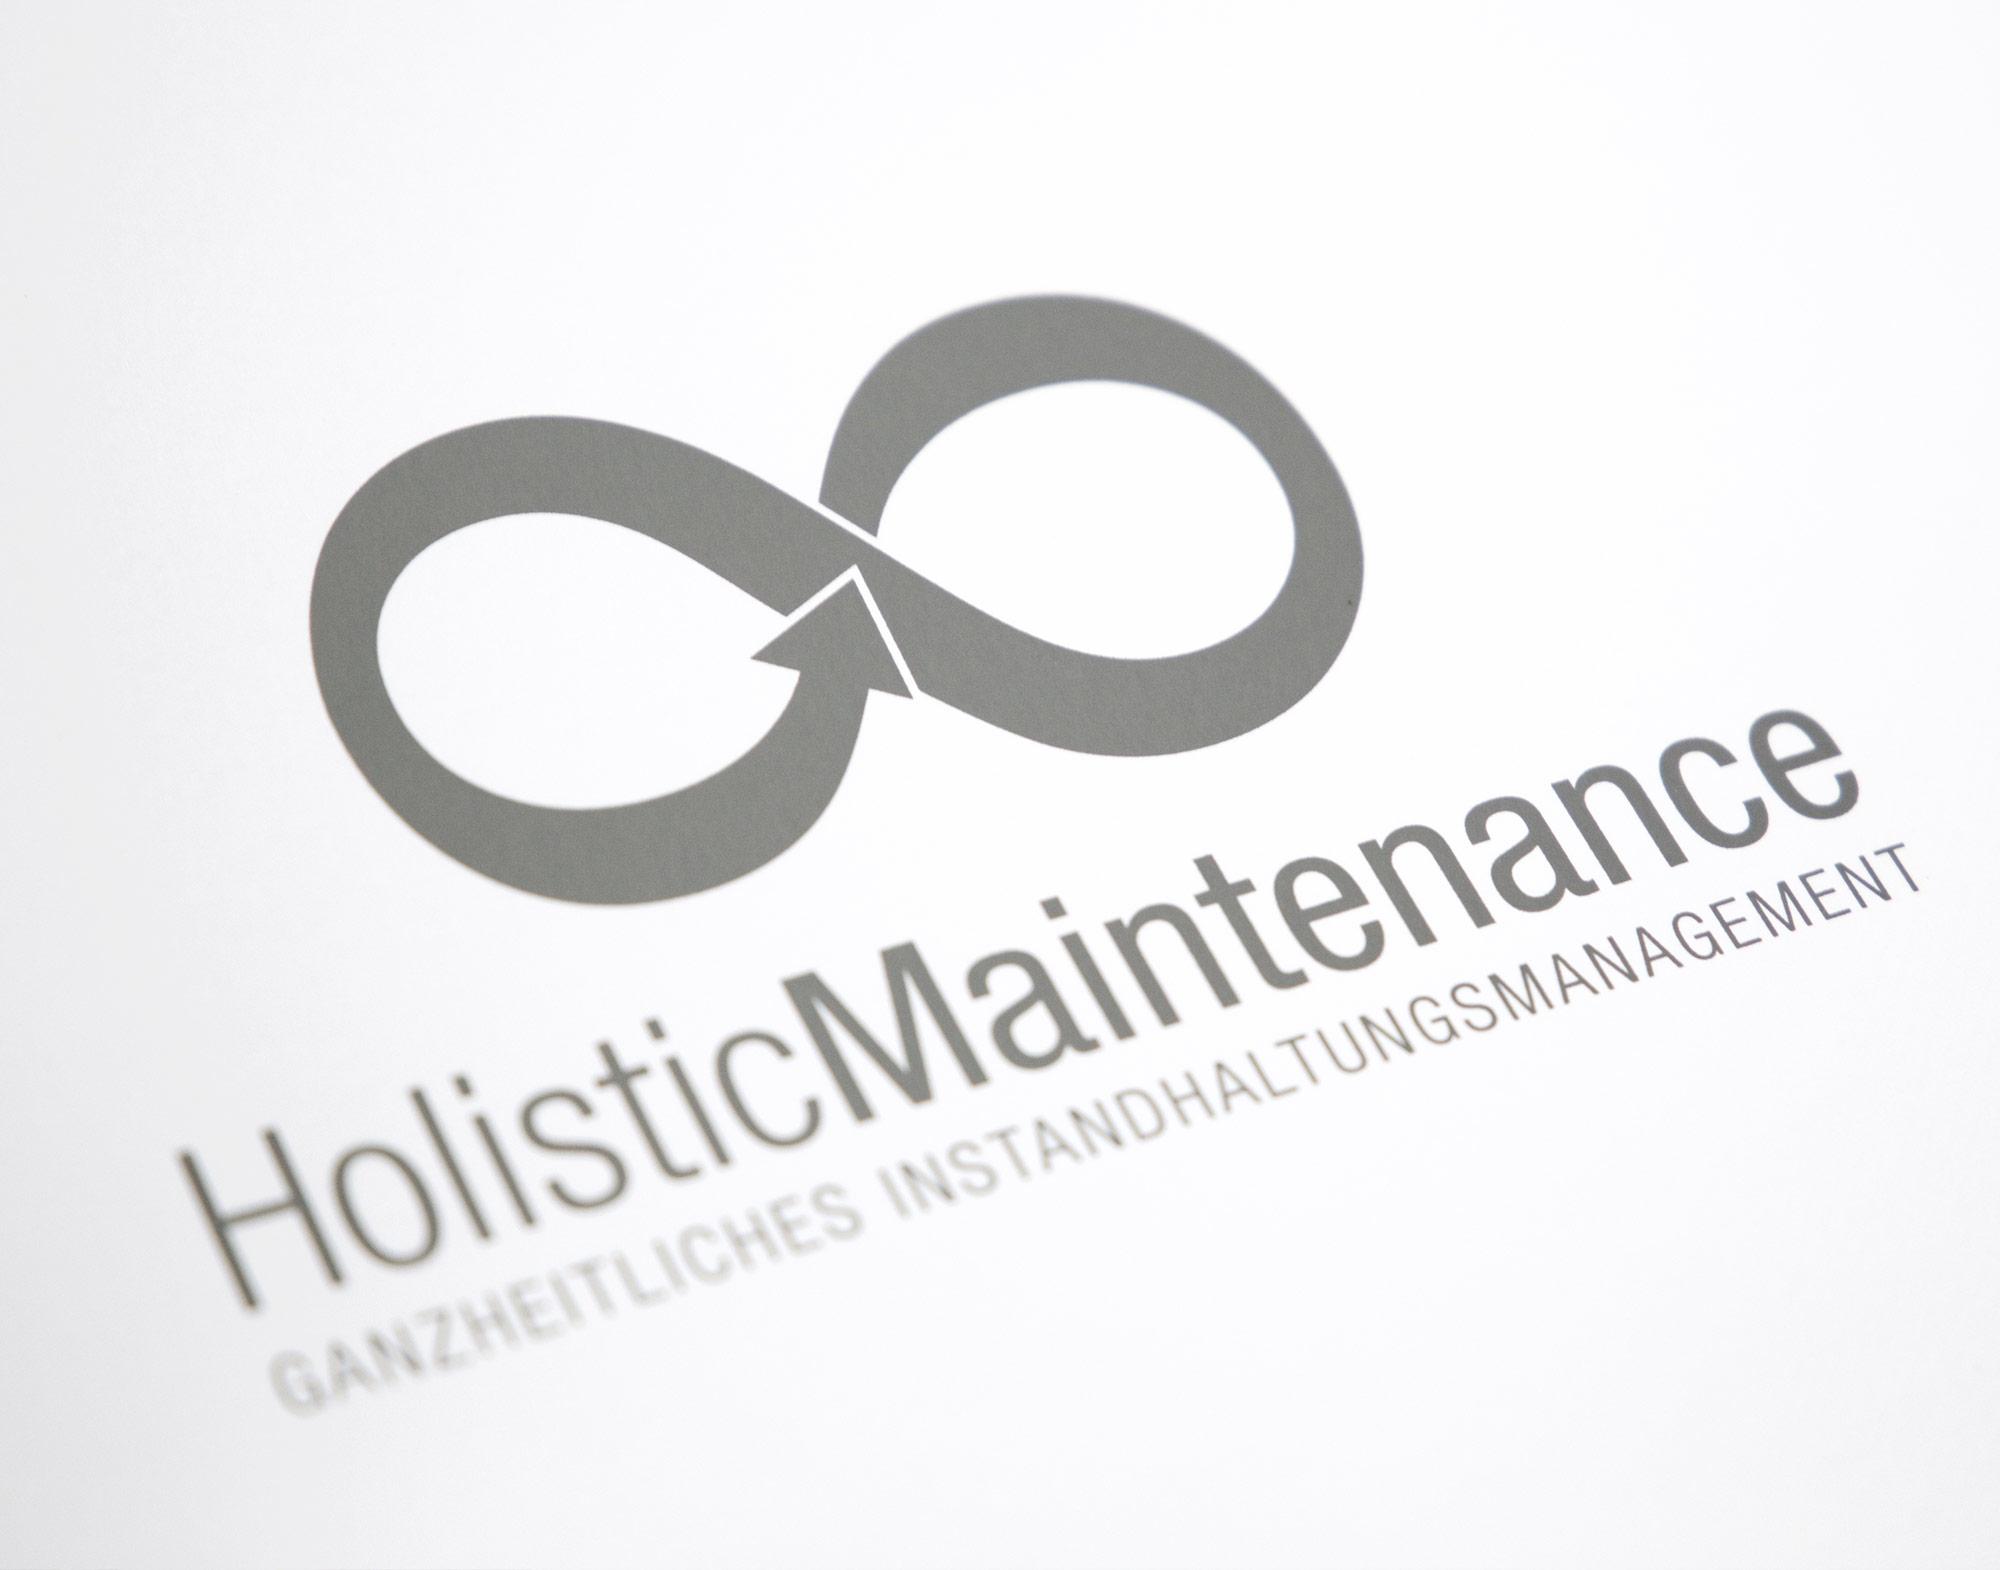 Holistic Maintenance Logo u. Broschüre Schnorrenberg Chirurgietechnik